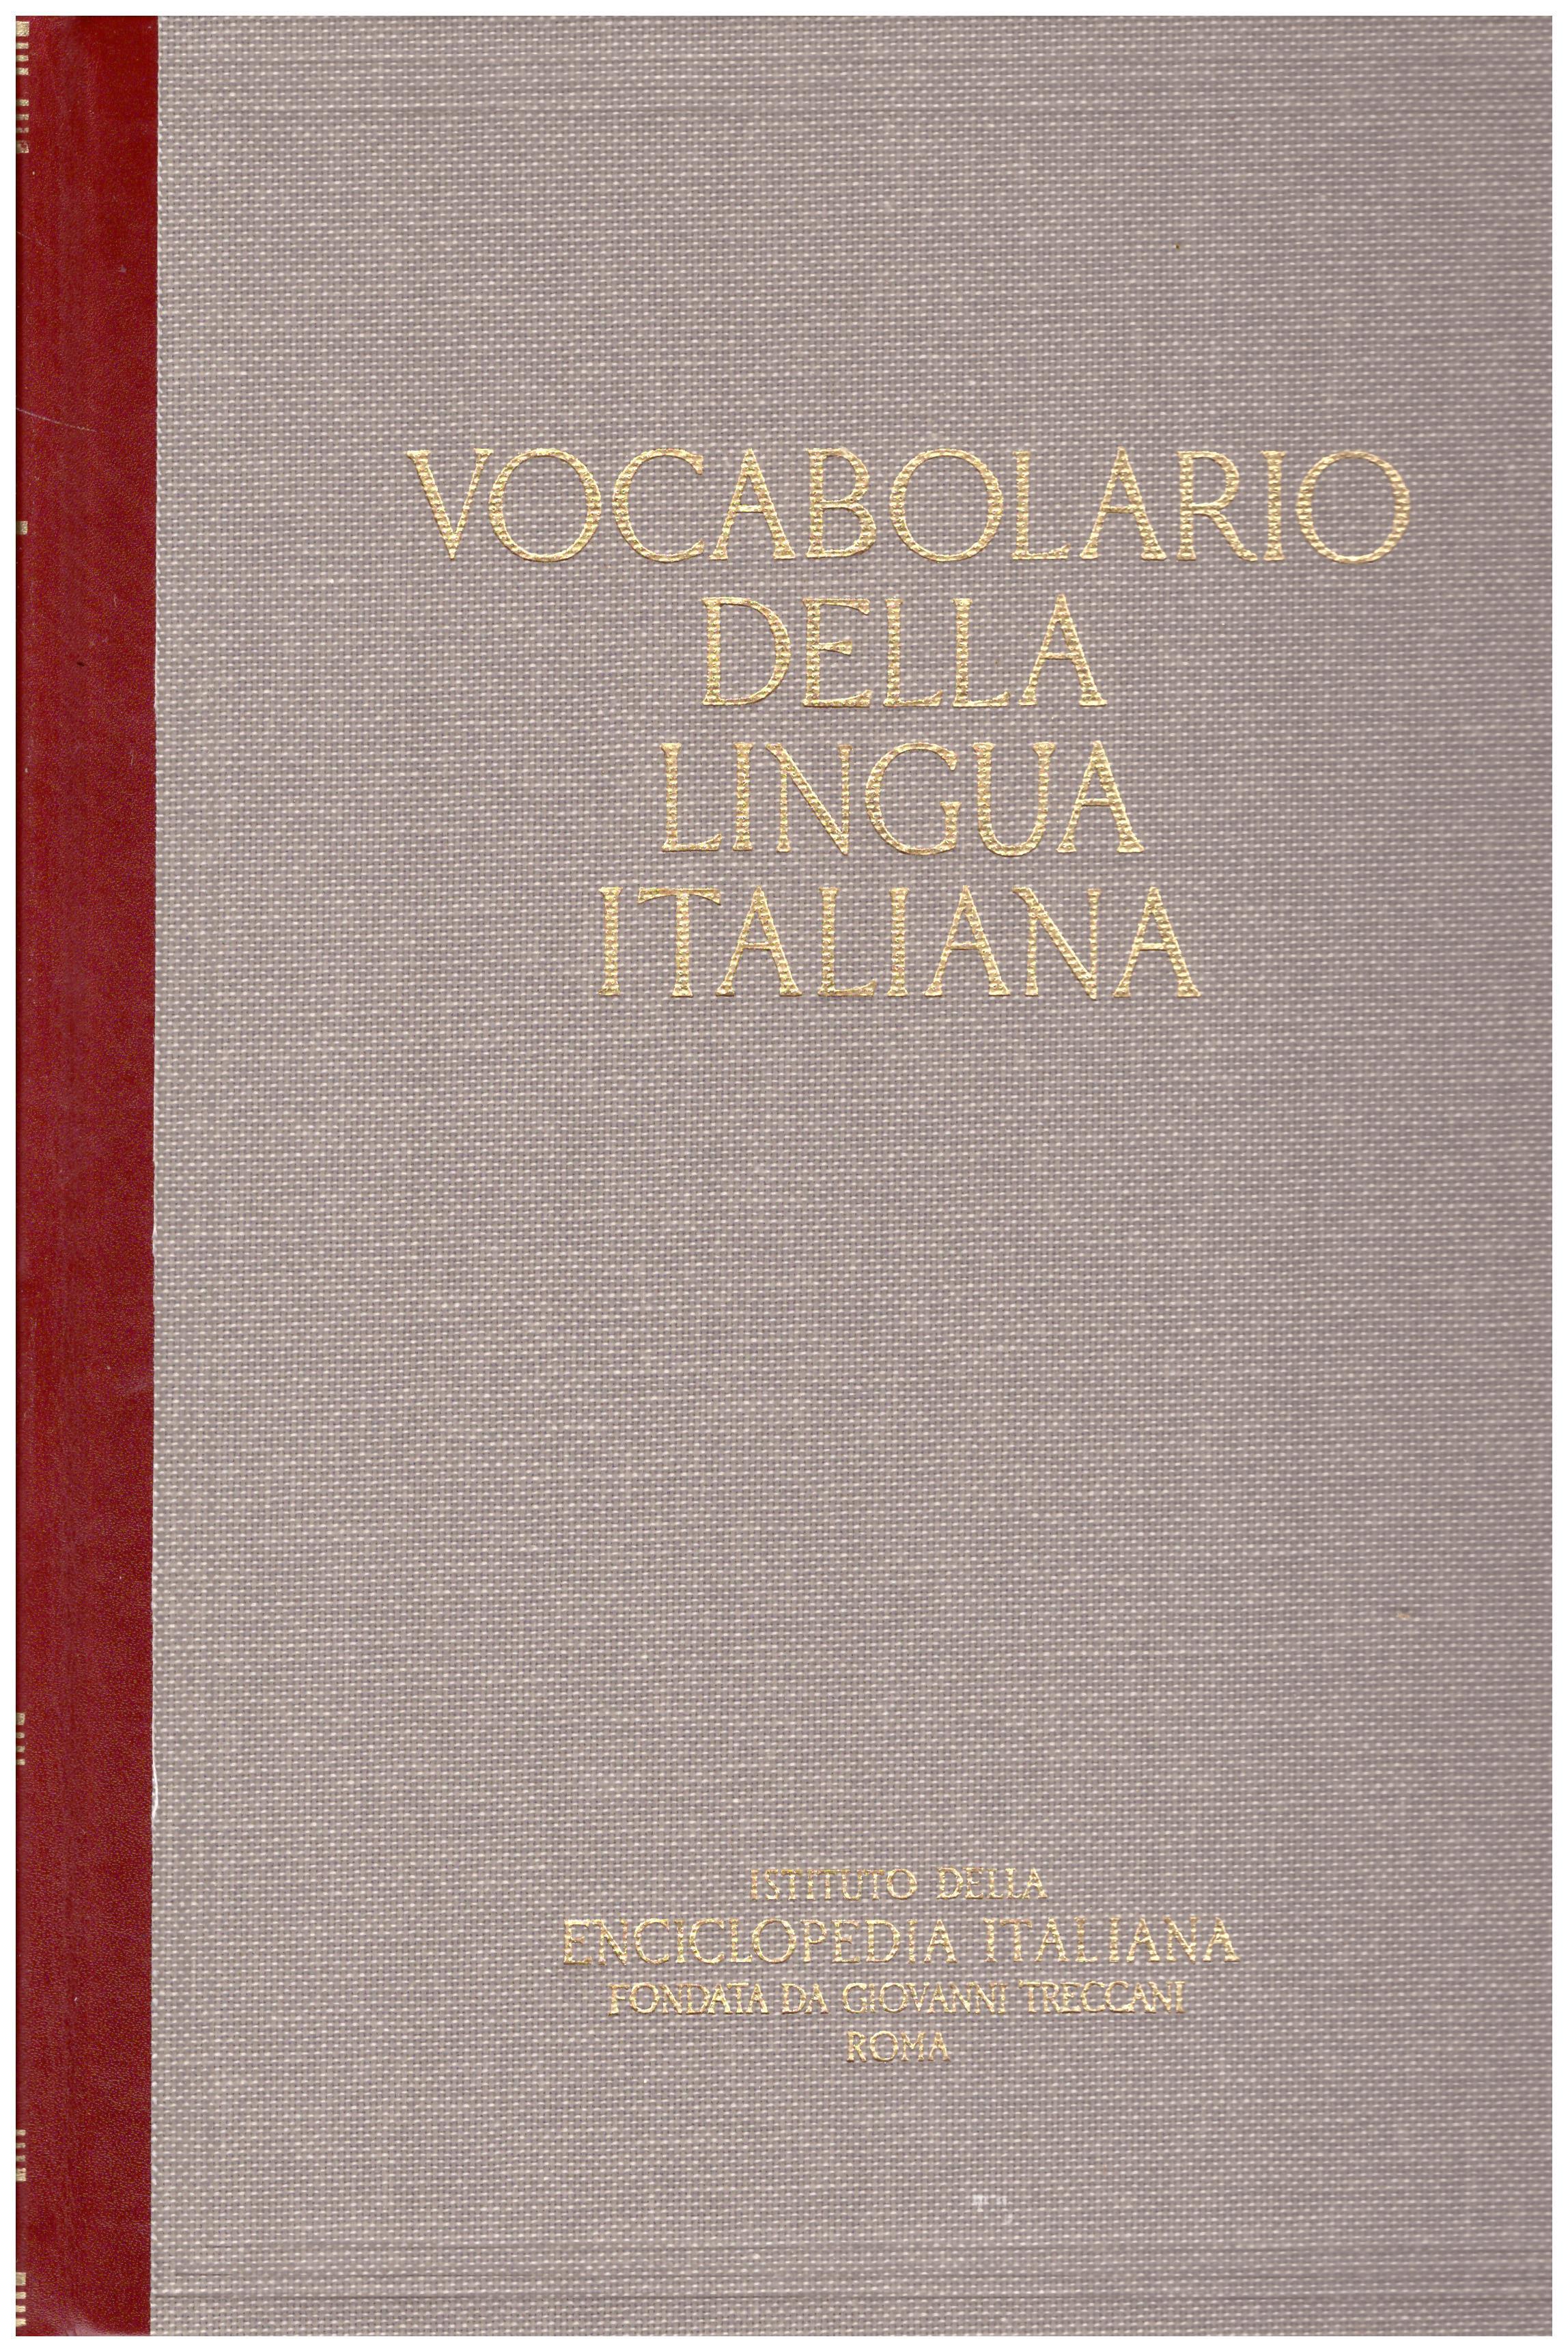 Titolo: Vocabolario della lingua italiana Vol I A-C Autore: AA.VV.  Editore: Istituto della enciclopedia italiana,Milano, presso Arti Grafiche Ricordi, 1986